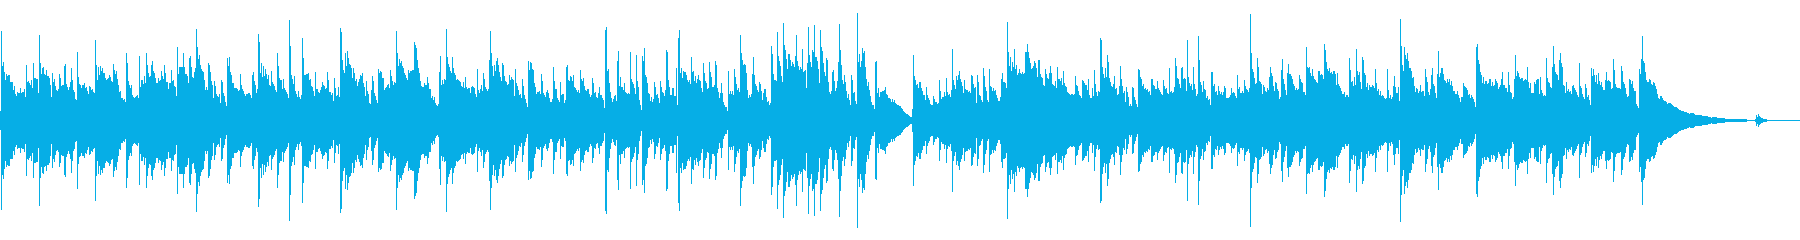 シリアスなソロギター/生演奏の再生済みの波形